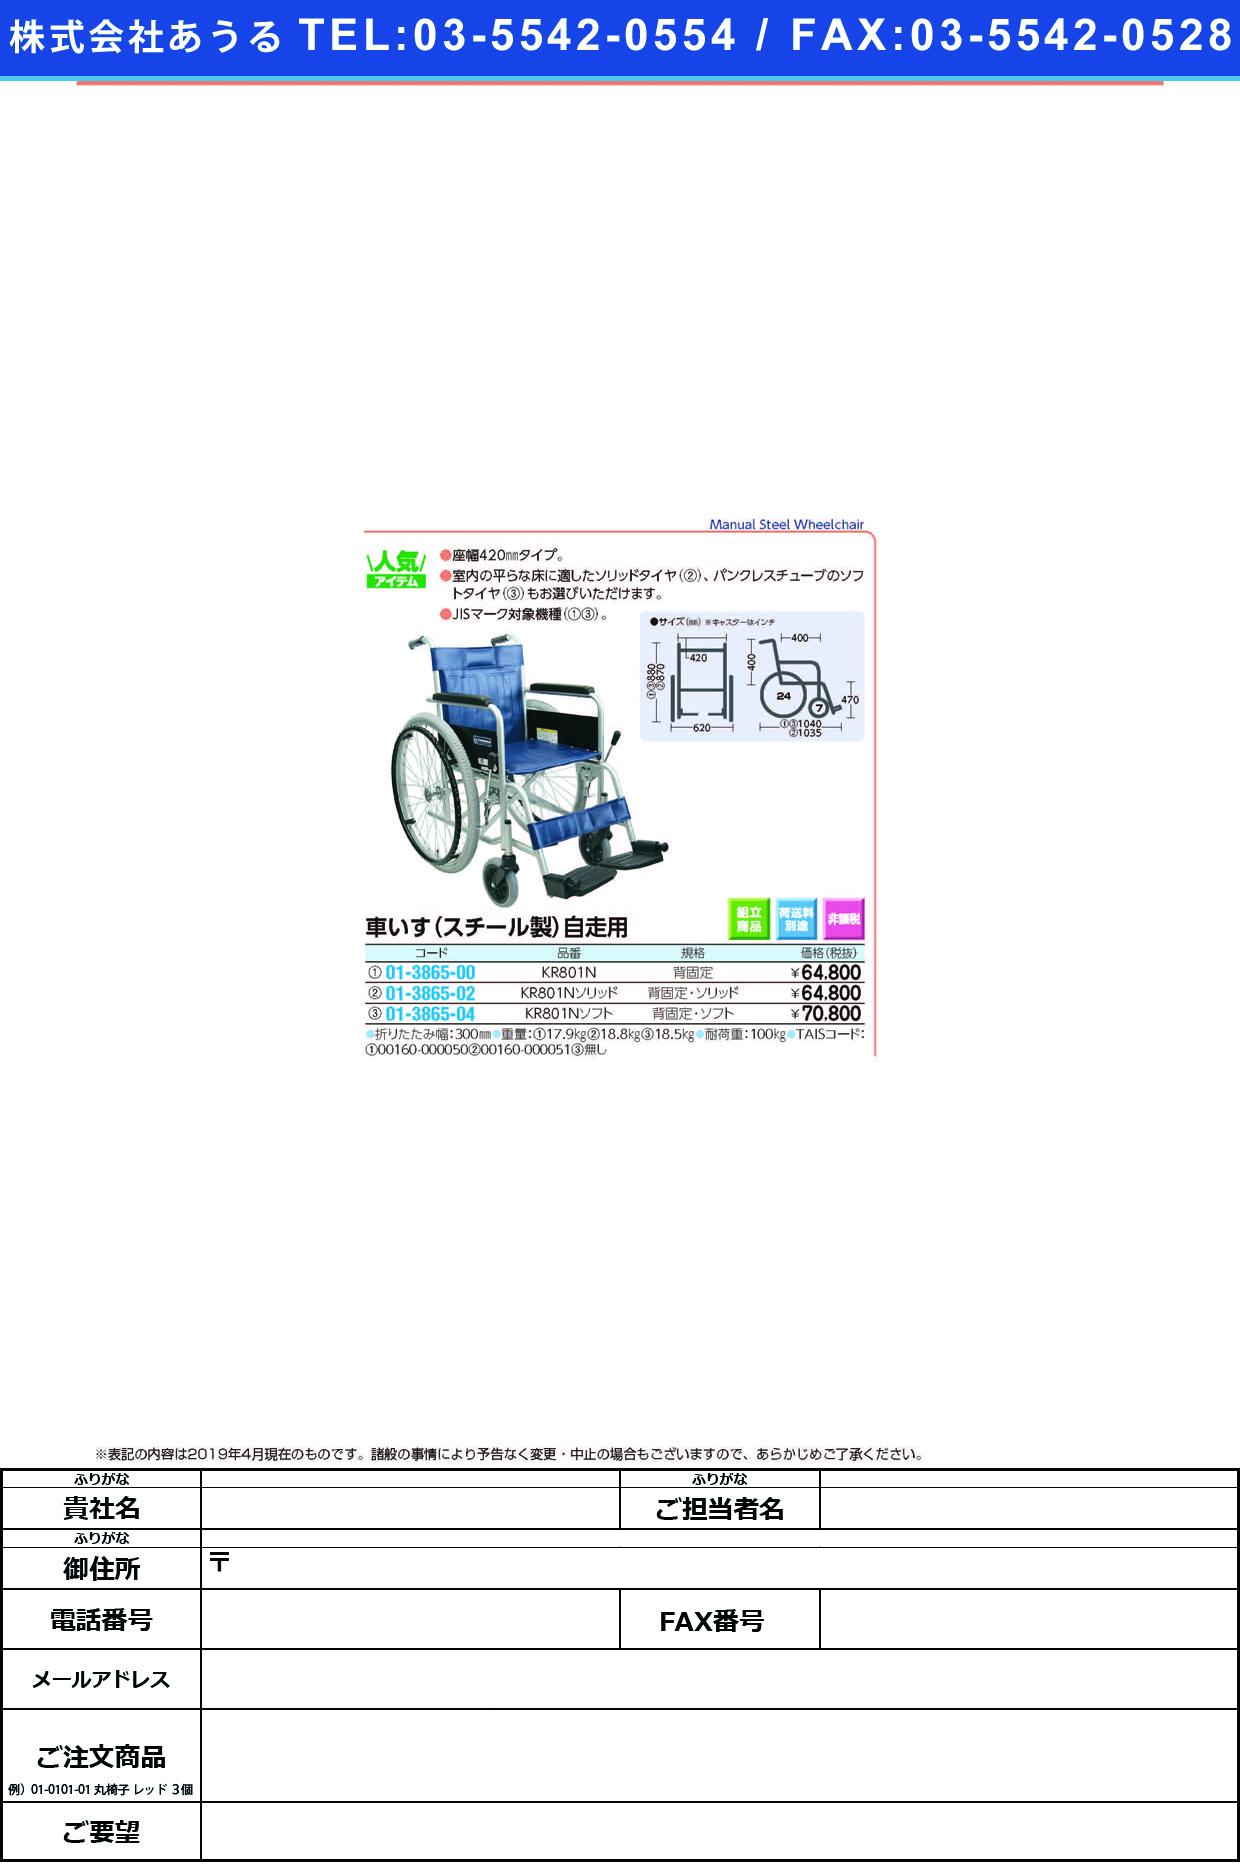 (01-3865-04)車いす(自走用・スチール製)背固定式 KR801Nソフト(ソフトタイヤ) クルマイス(ジソウヨウ・スチールセイ)(カワムラサイクル)【1台単位】【2019年カタログ商品】